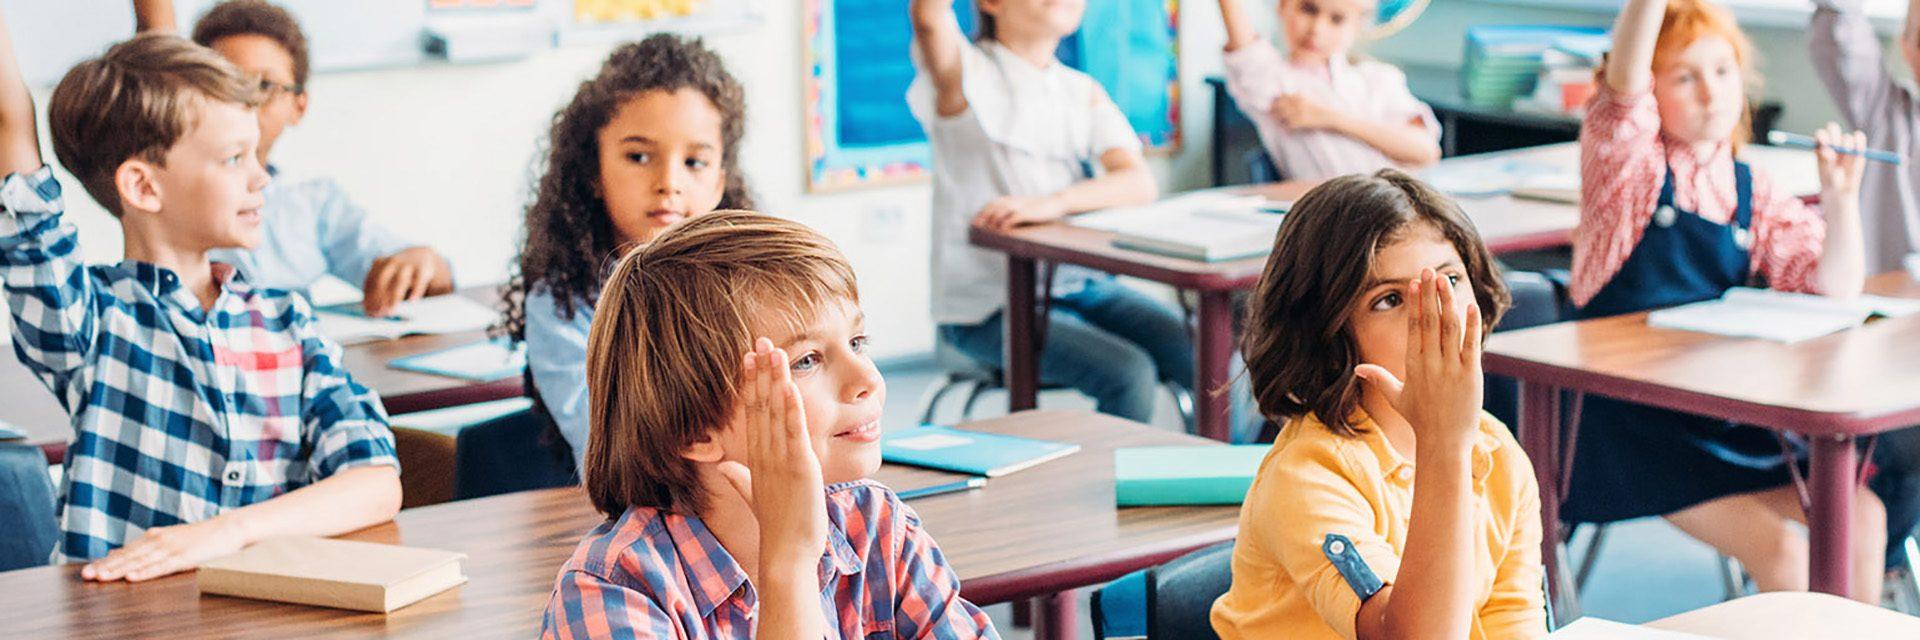 Barn i skolbänk